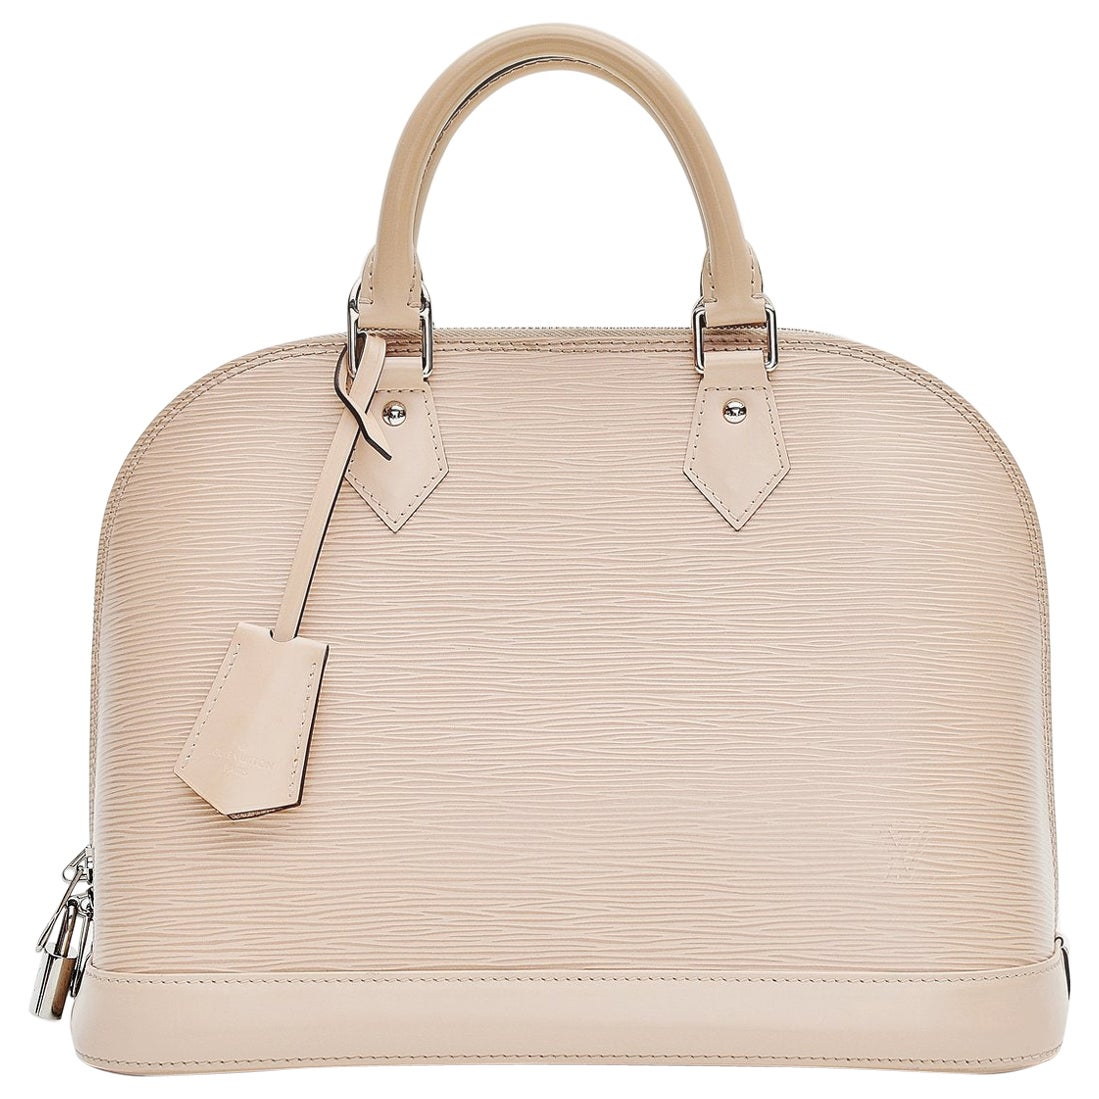 Louis Vuitton Alma Epi Leather Bag